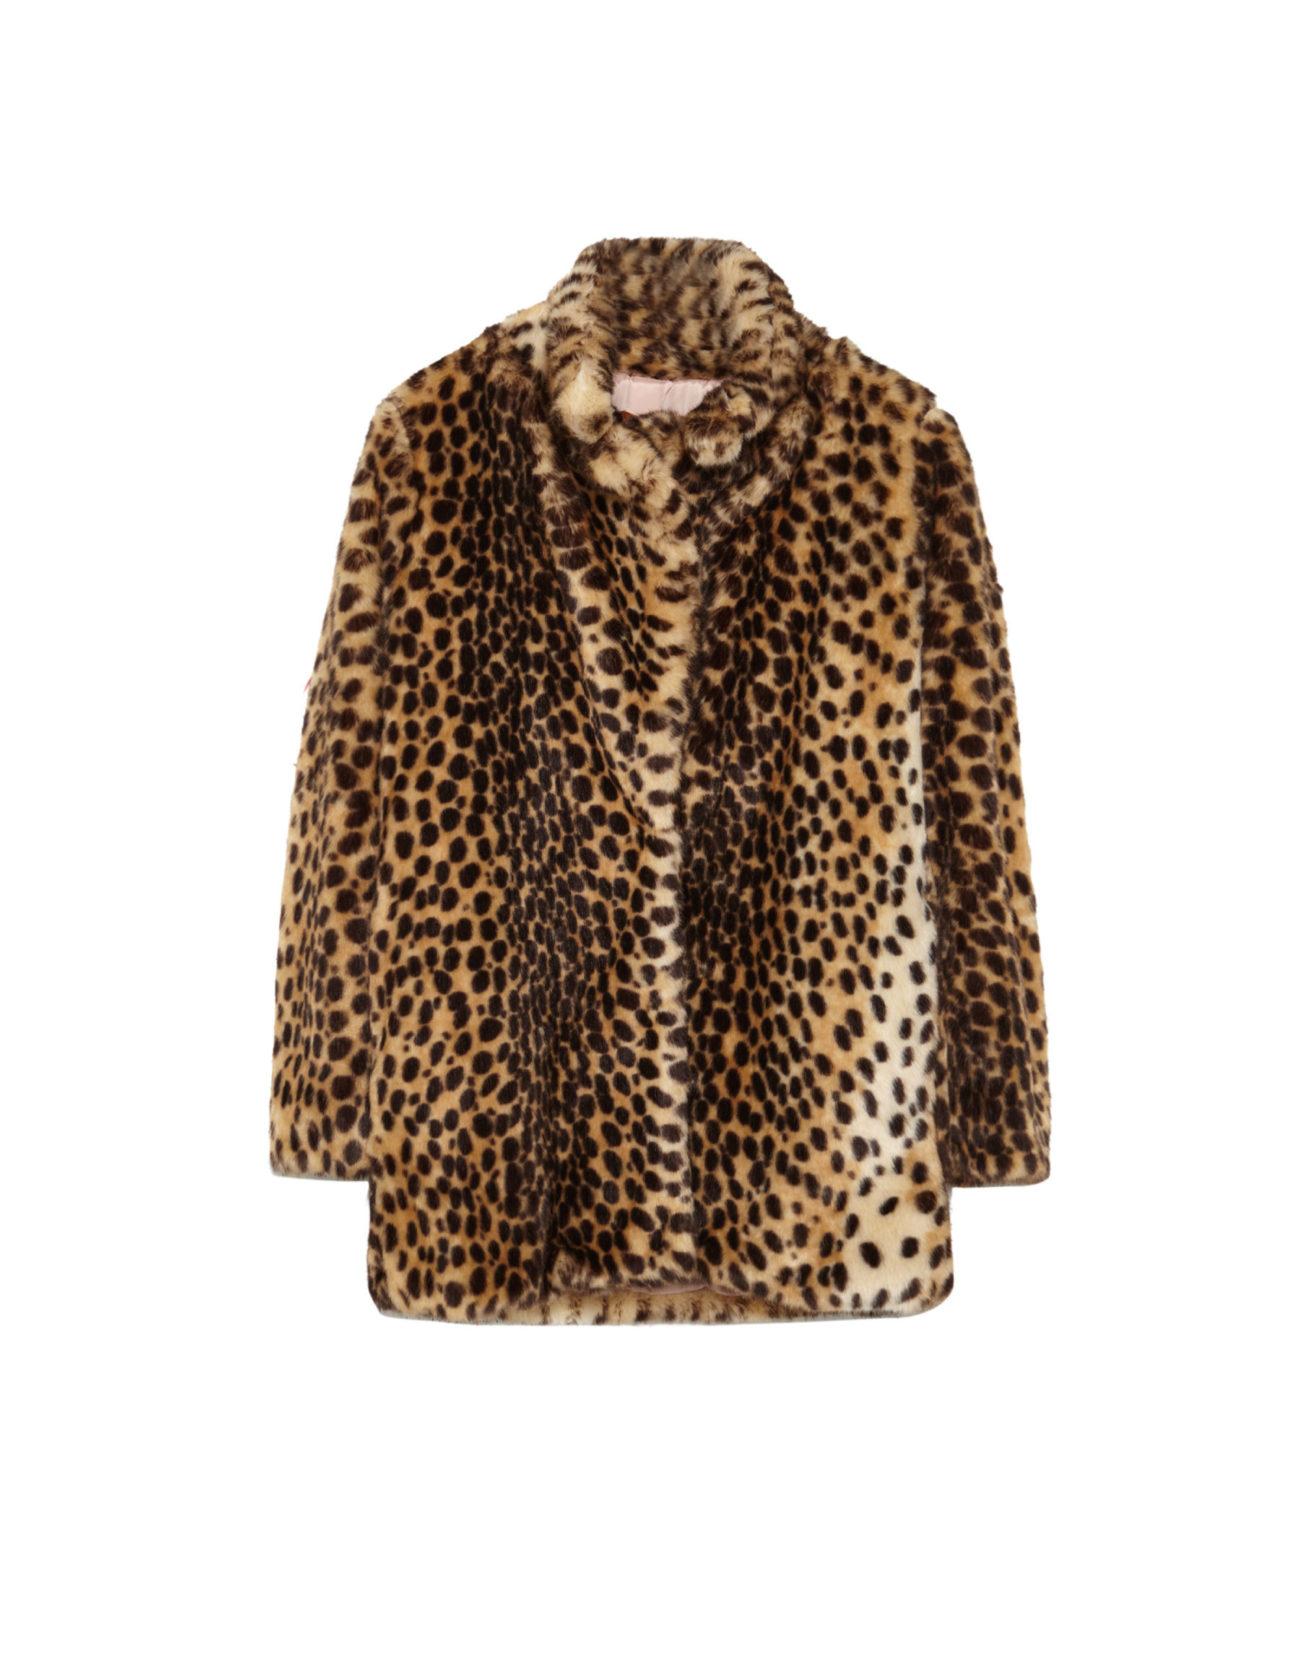 atractivo y duradero patrones de moda venta barata ee. Abrigo de pelo sintético con estampado de leopardo, de...